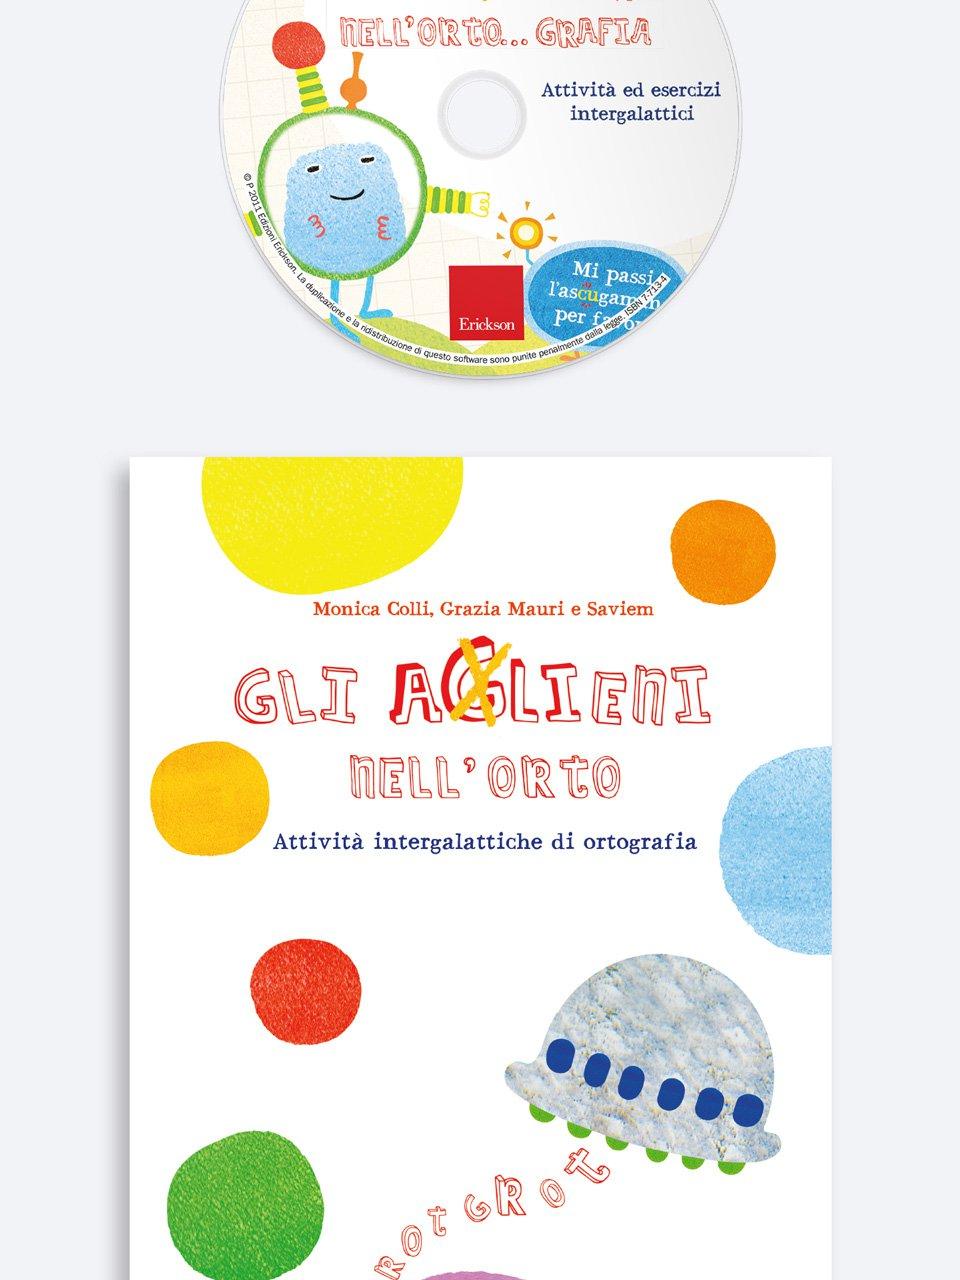 Gli aGlieni nell'orto - Astuccio delle regole di italiano - Libri - Erickson 3